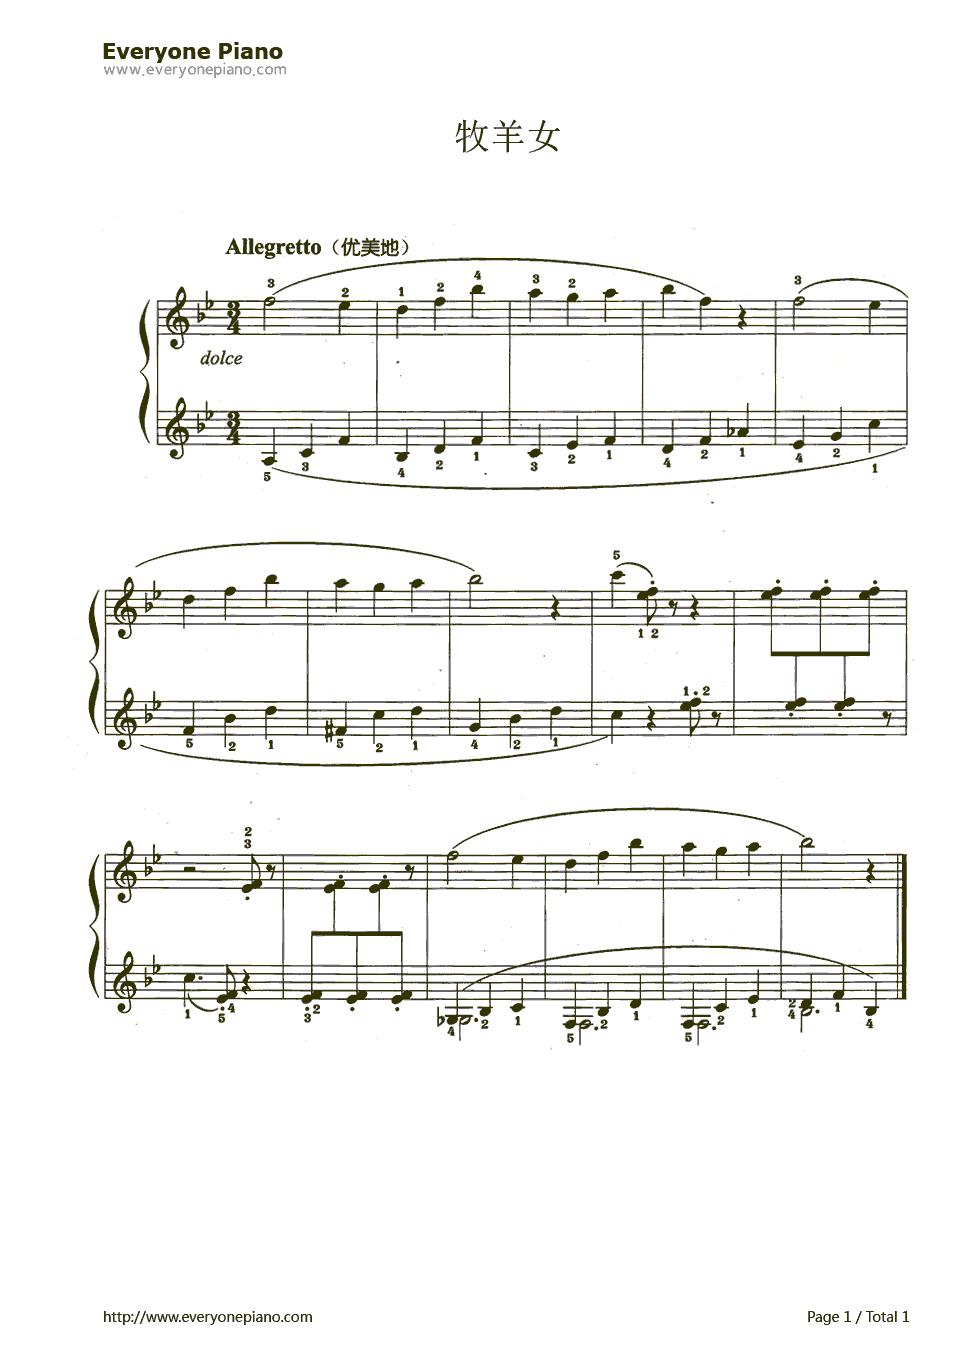 钢琴曲谱 儿歌 牧羊女 牧羊女五线谱预览1  }  仅供学习交流使用!